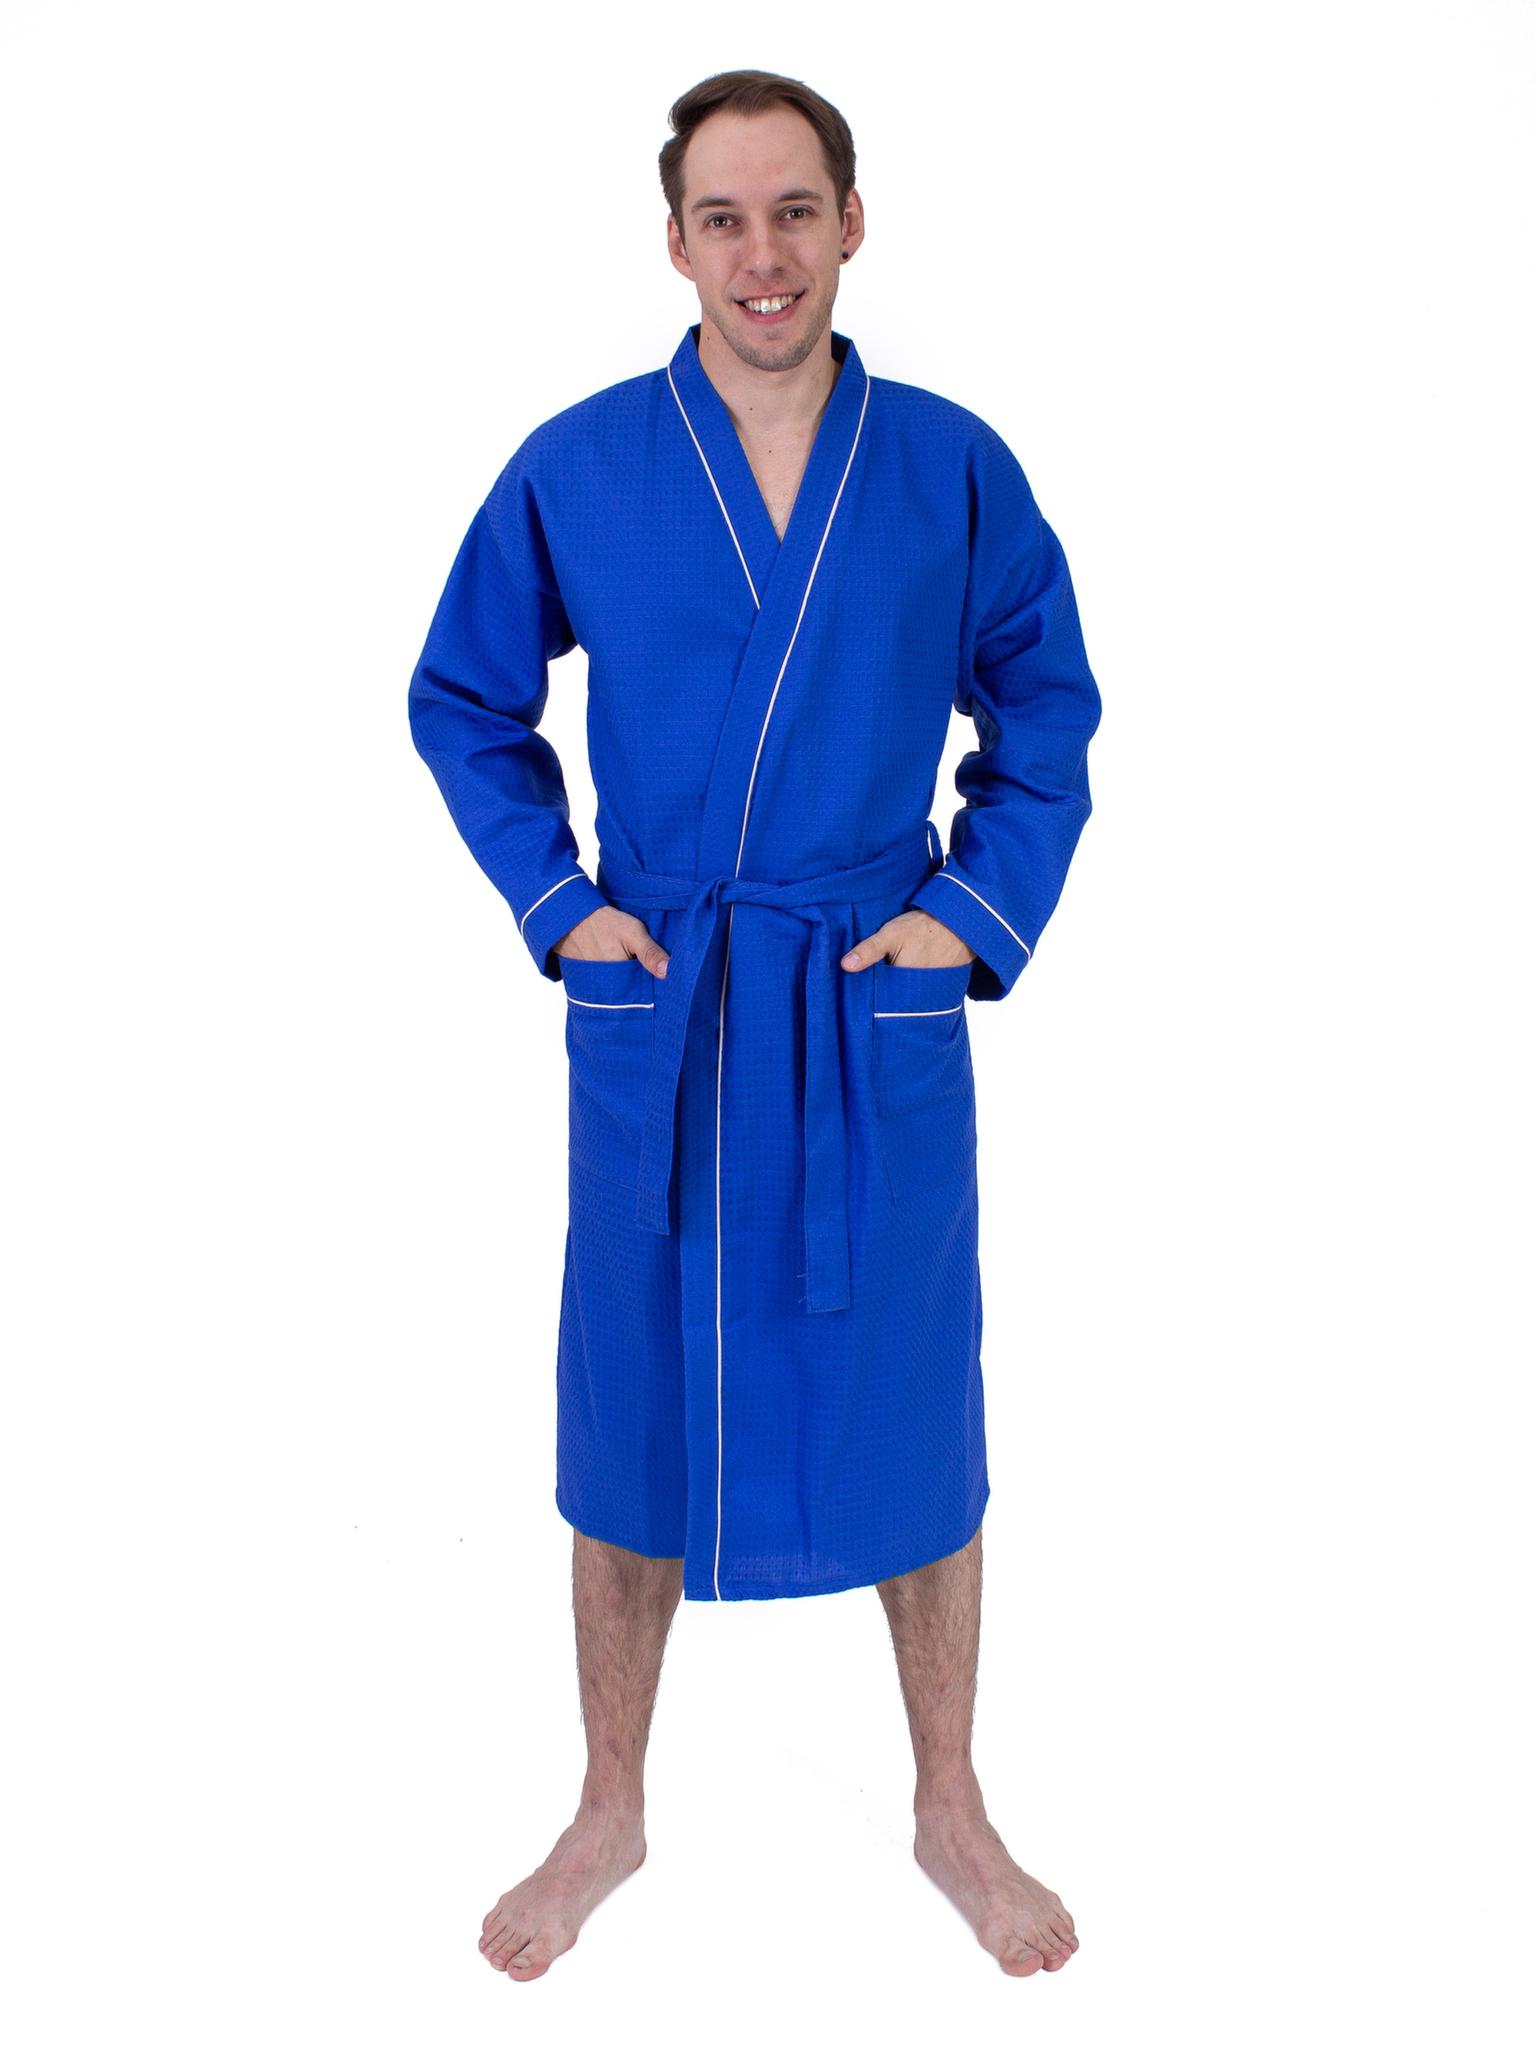 Вафельный мужской халат васильковый Elintale